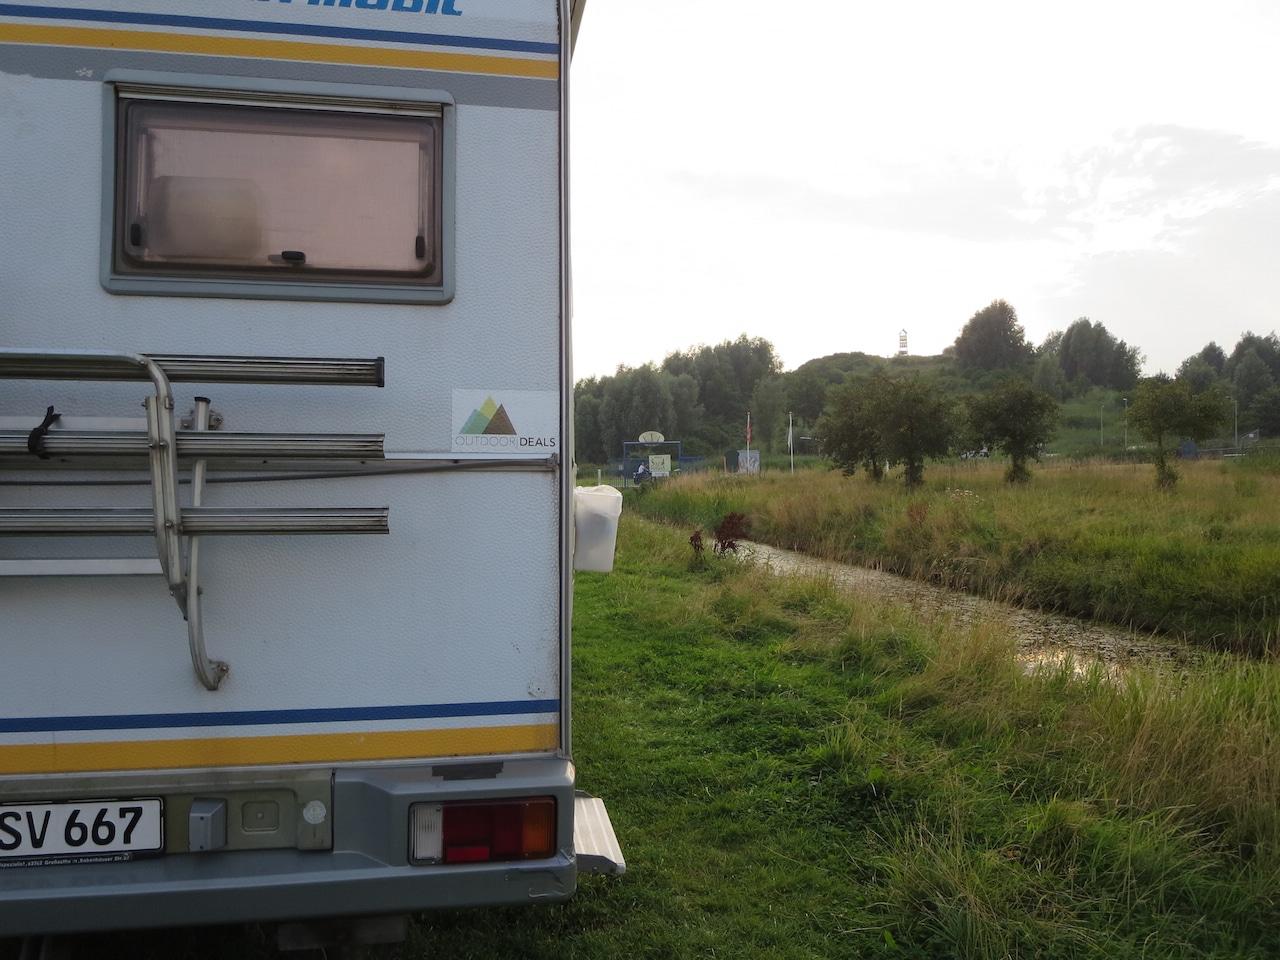 Blick von hinten an einem Wohnmobil vorbei auf ein Flüsschen und eine Wiese